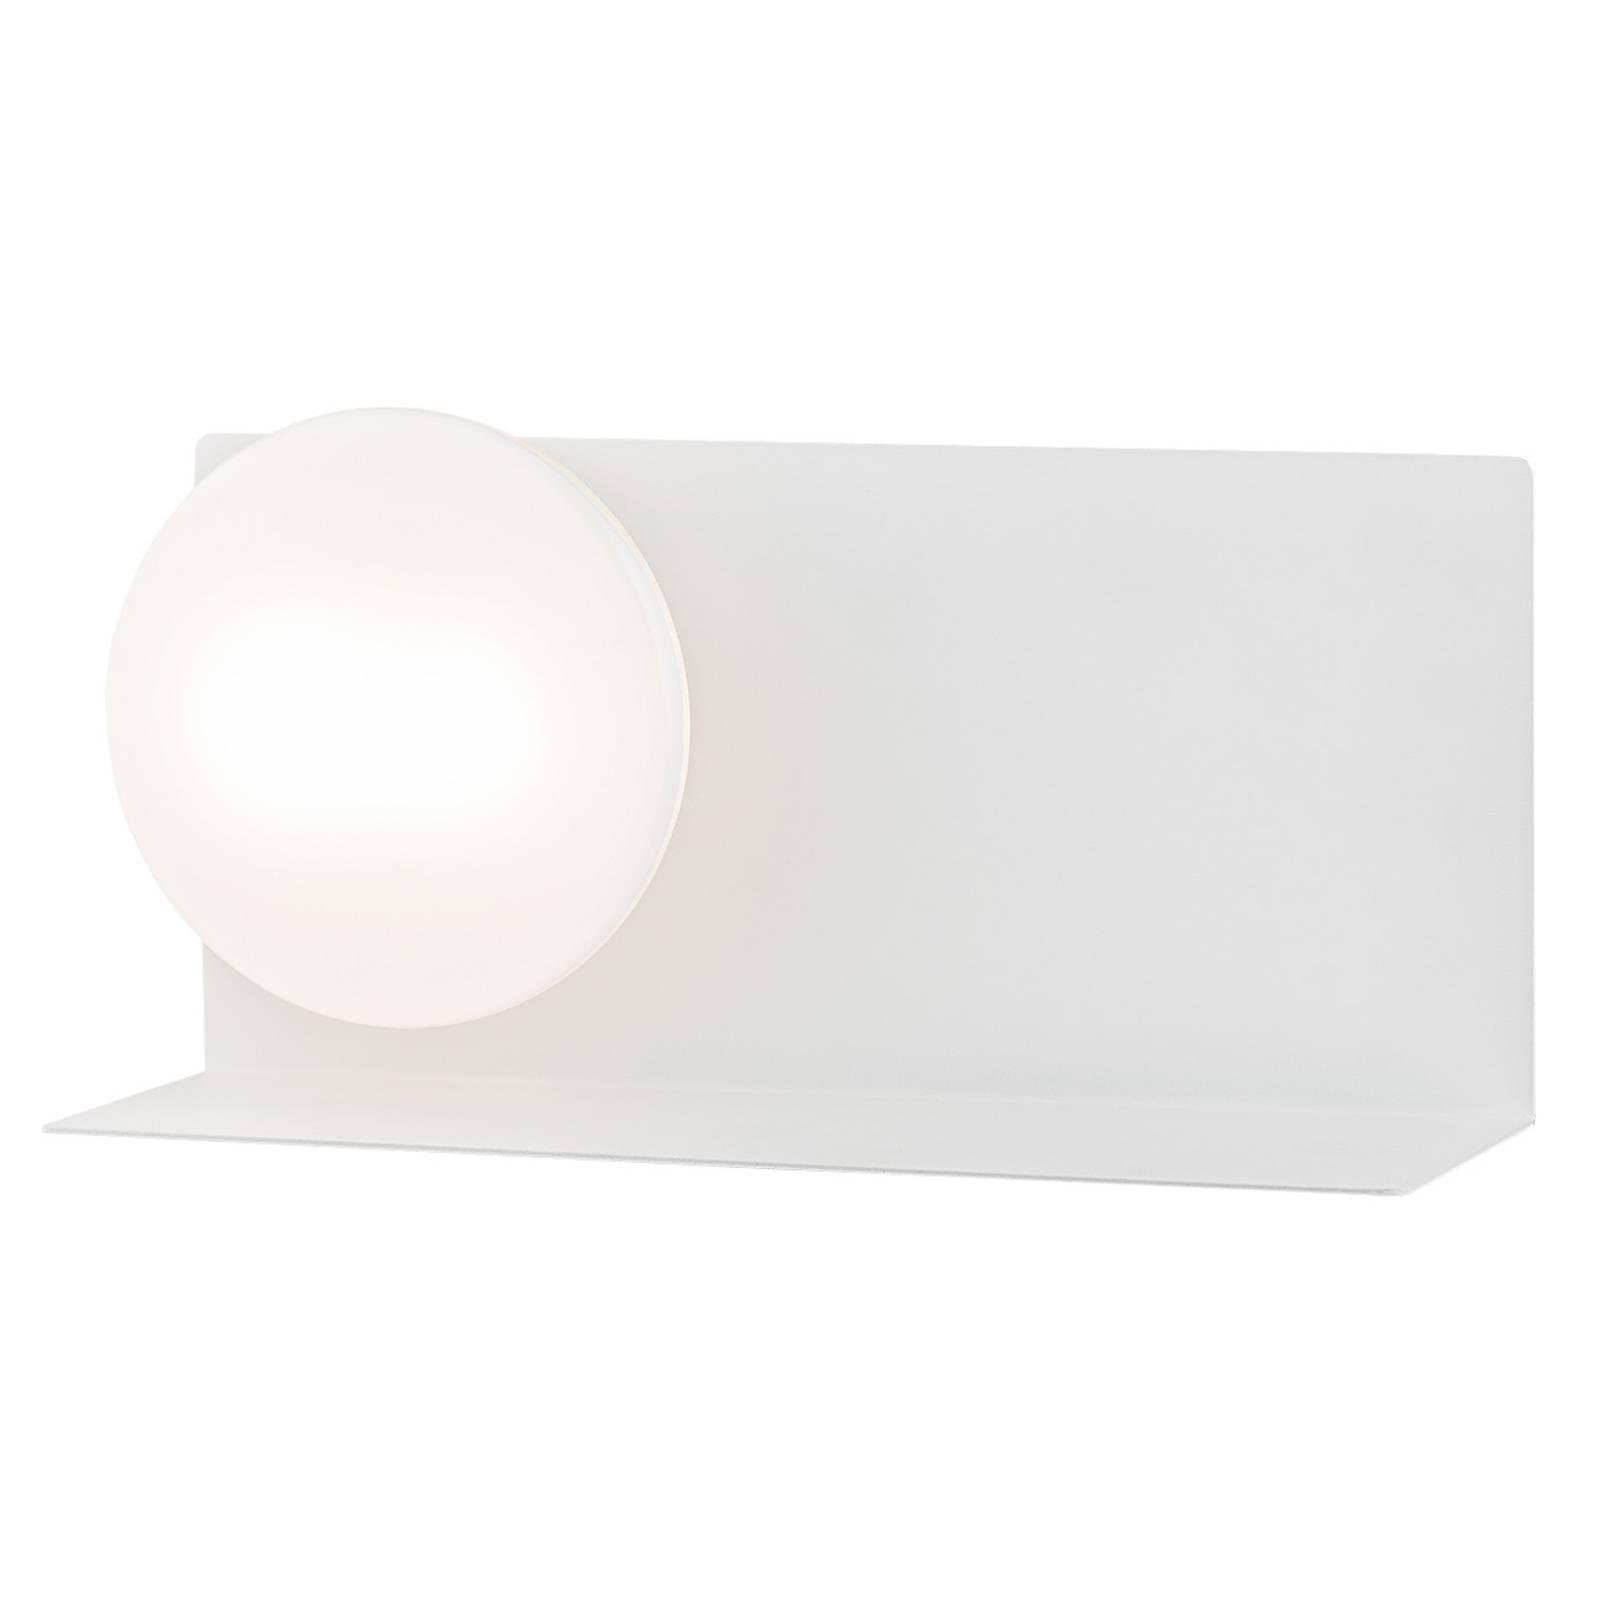 LED-seinälamppu Clark lasivarjostimella, valkoinen